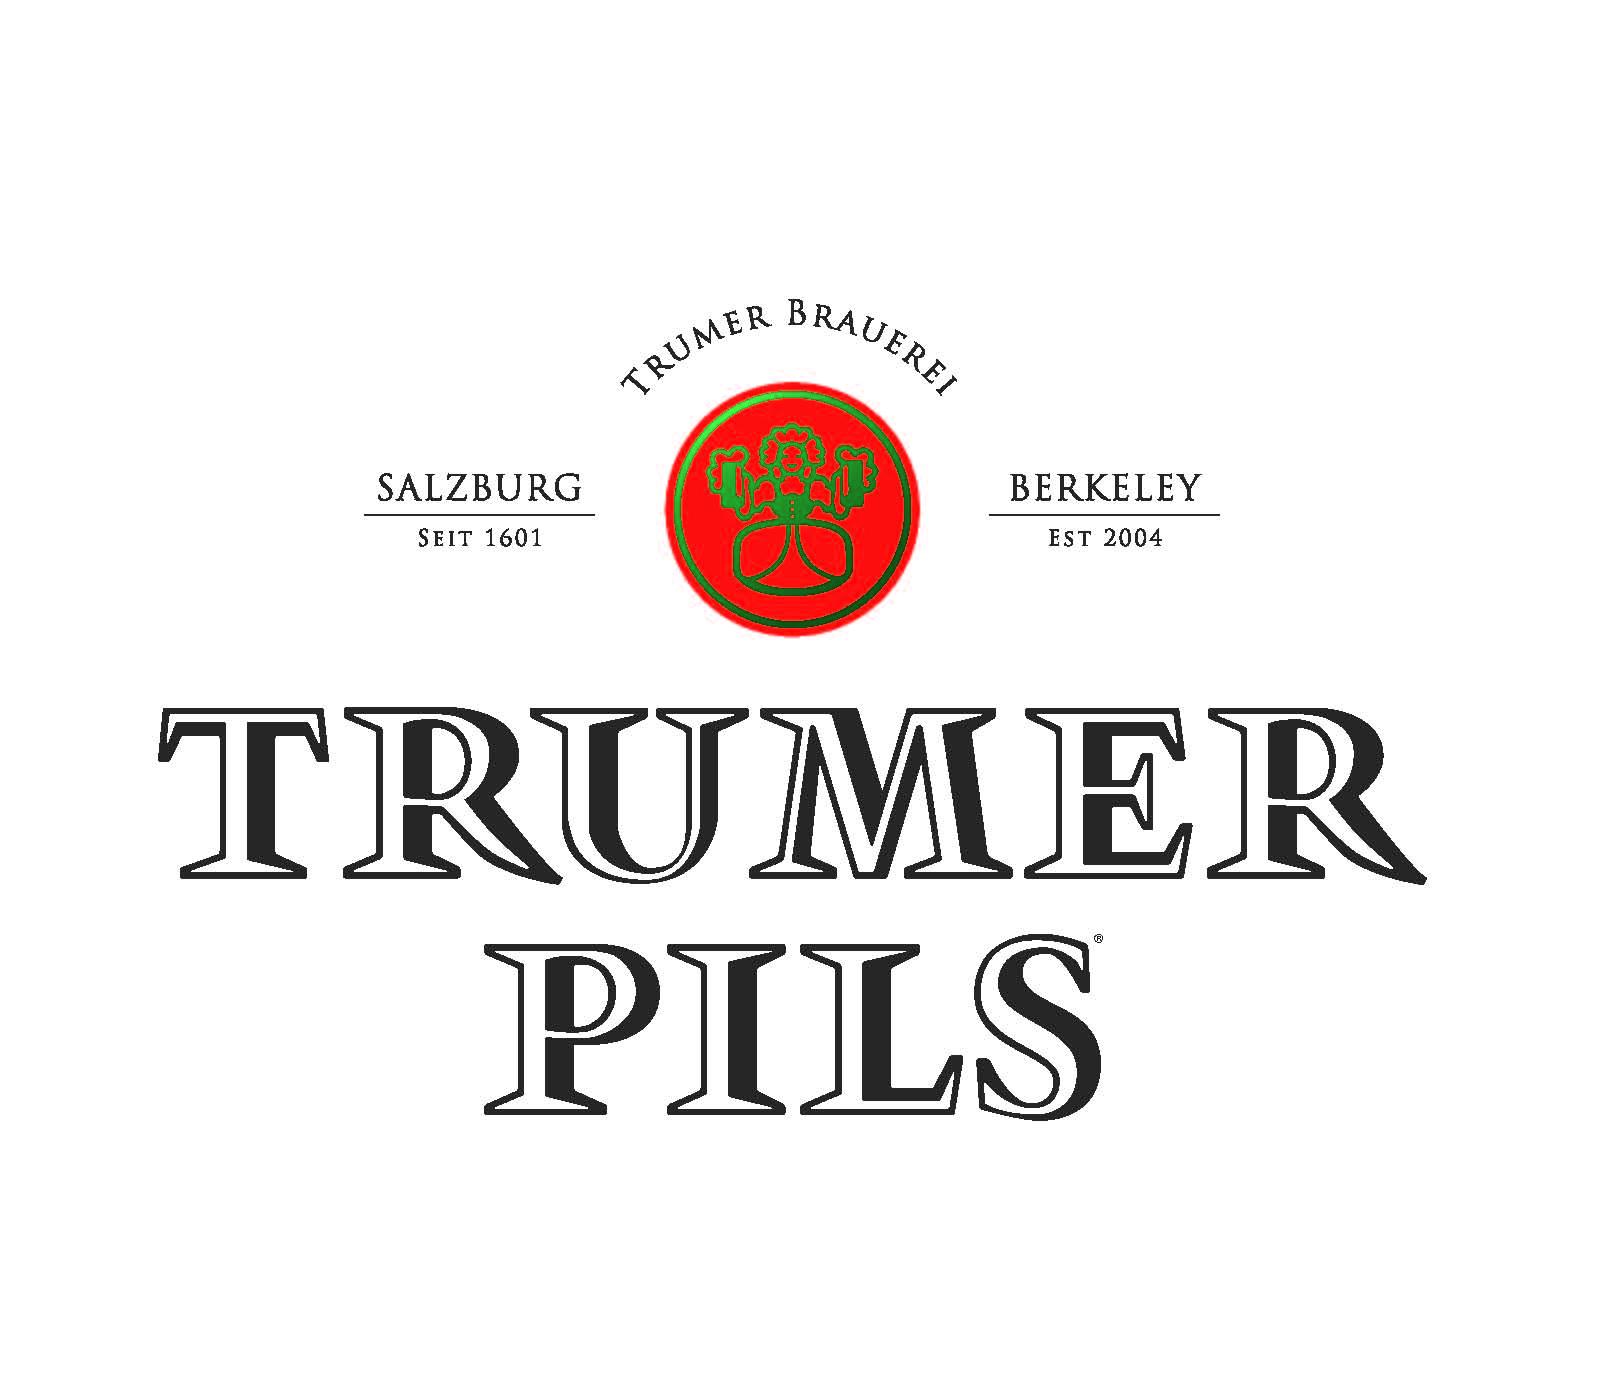 Trumer Pils